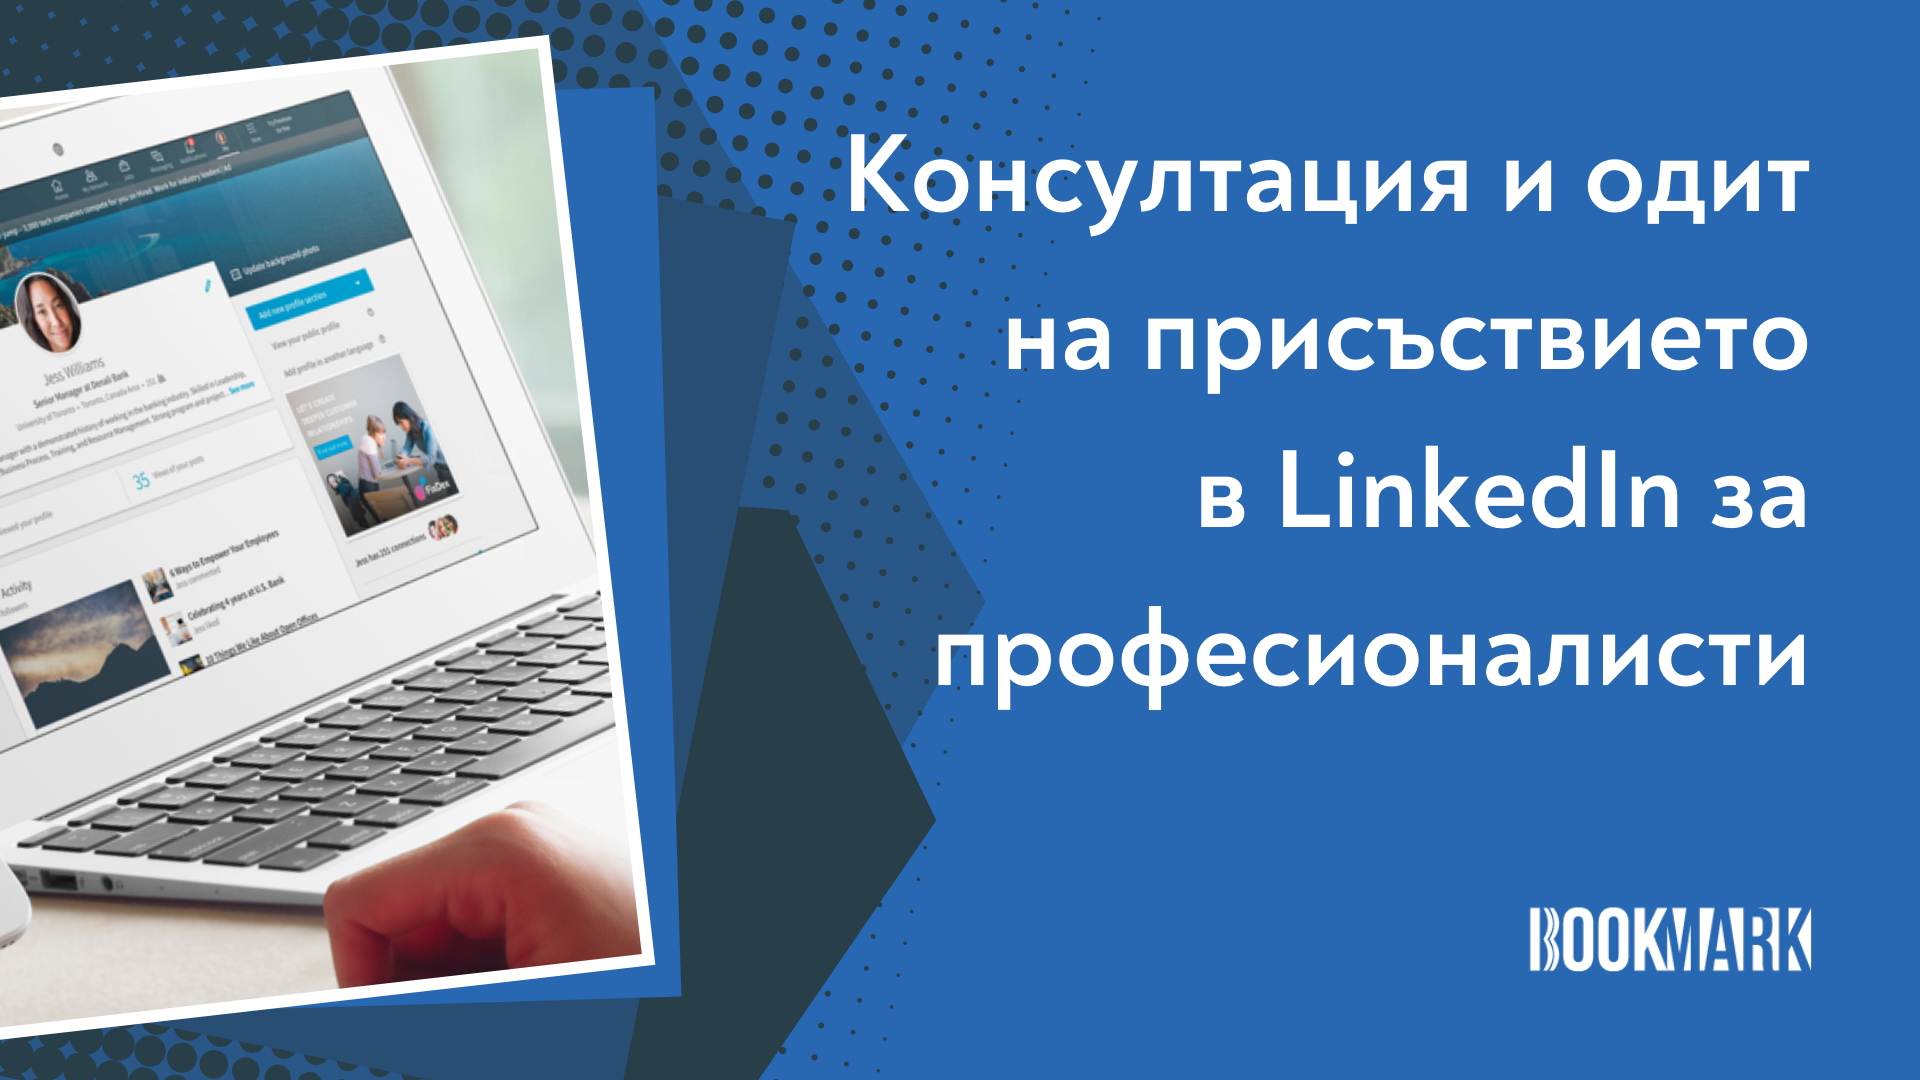 Консултация и одит на присъствието в LinkedIn за професионалисти